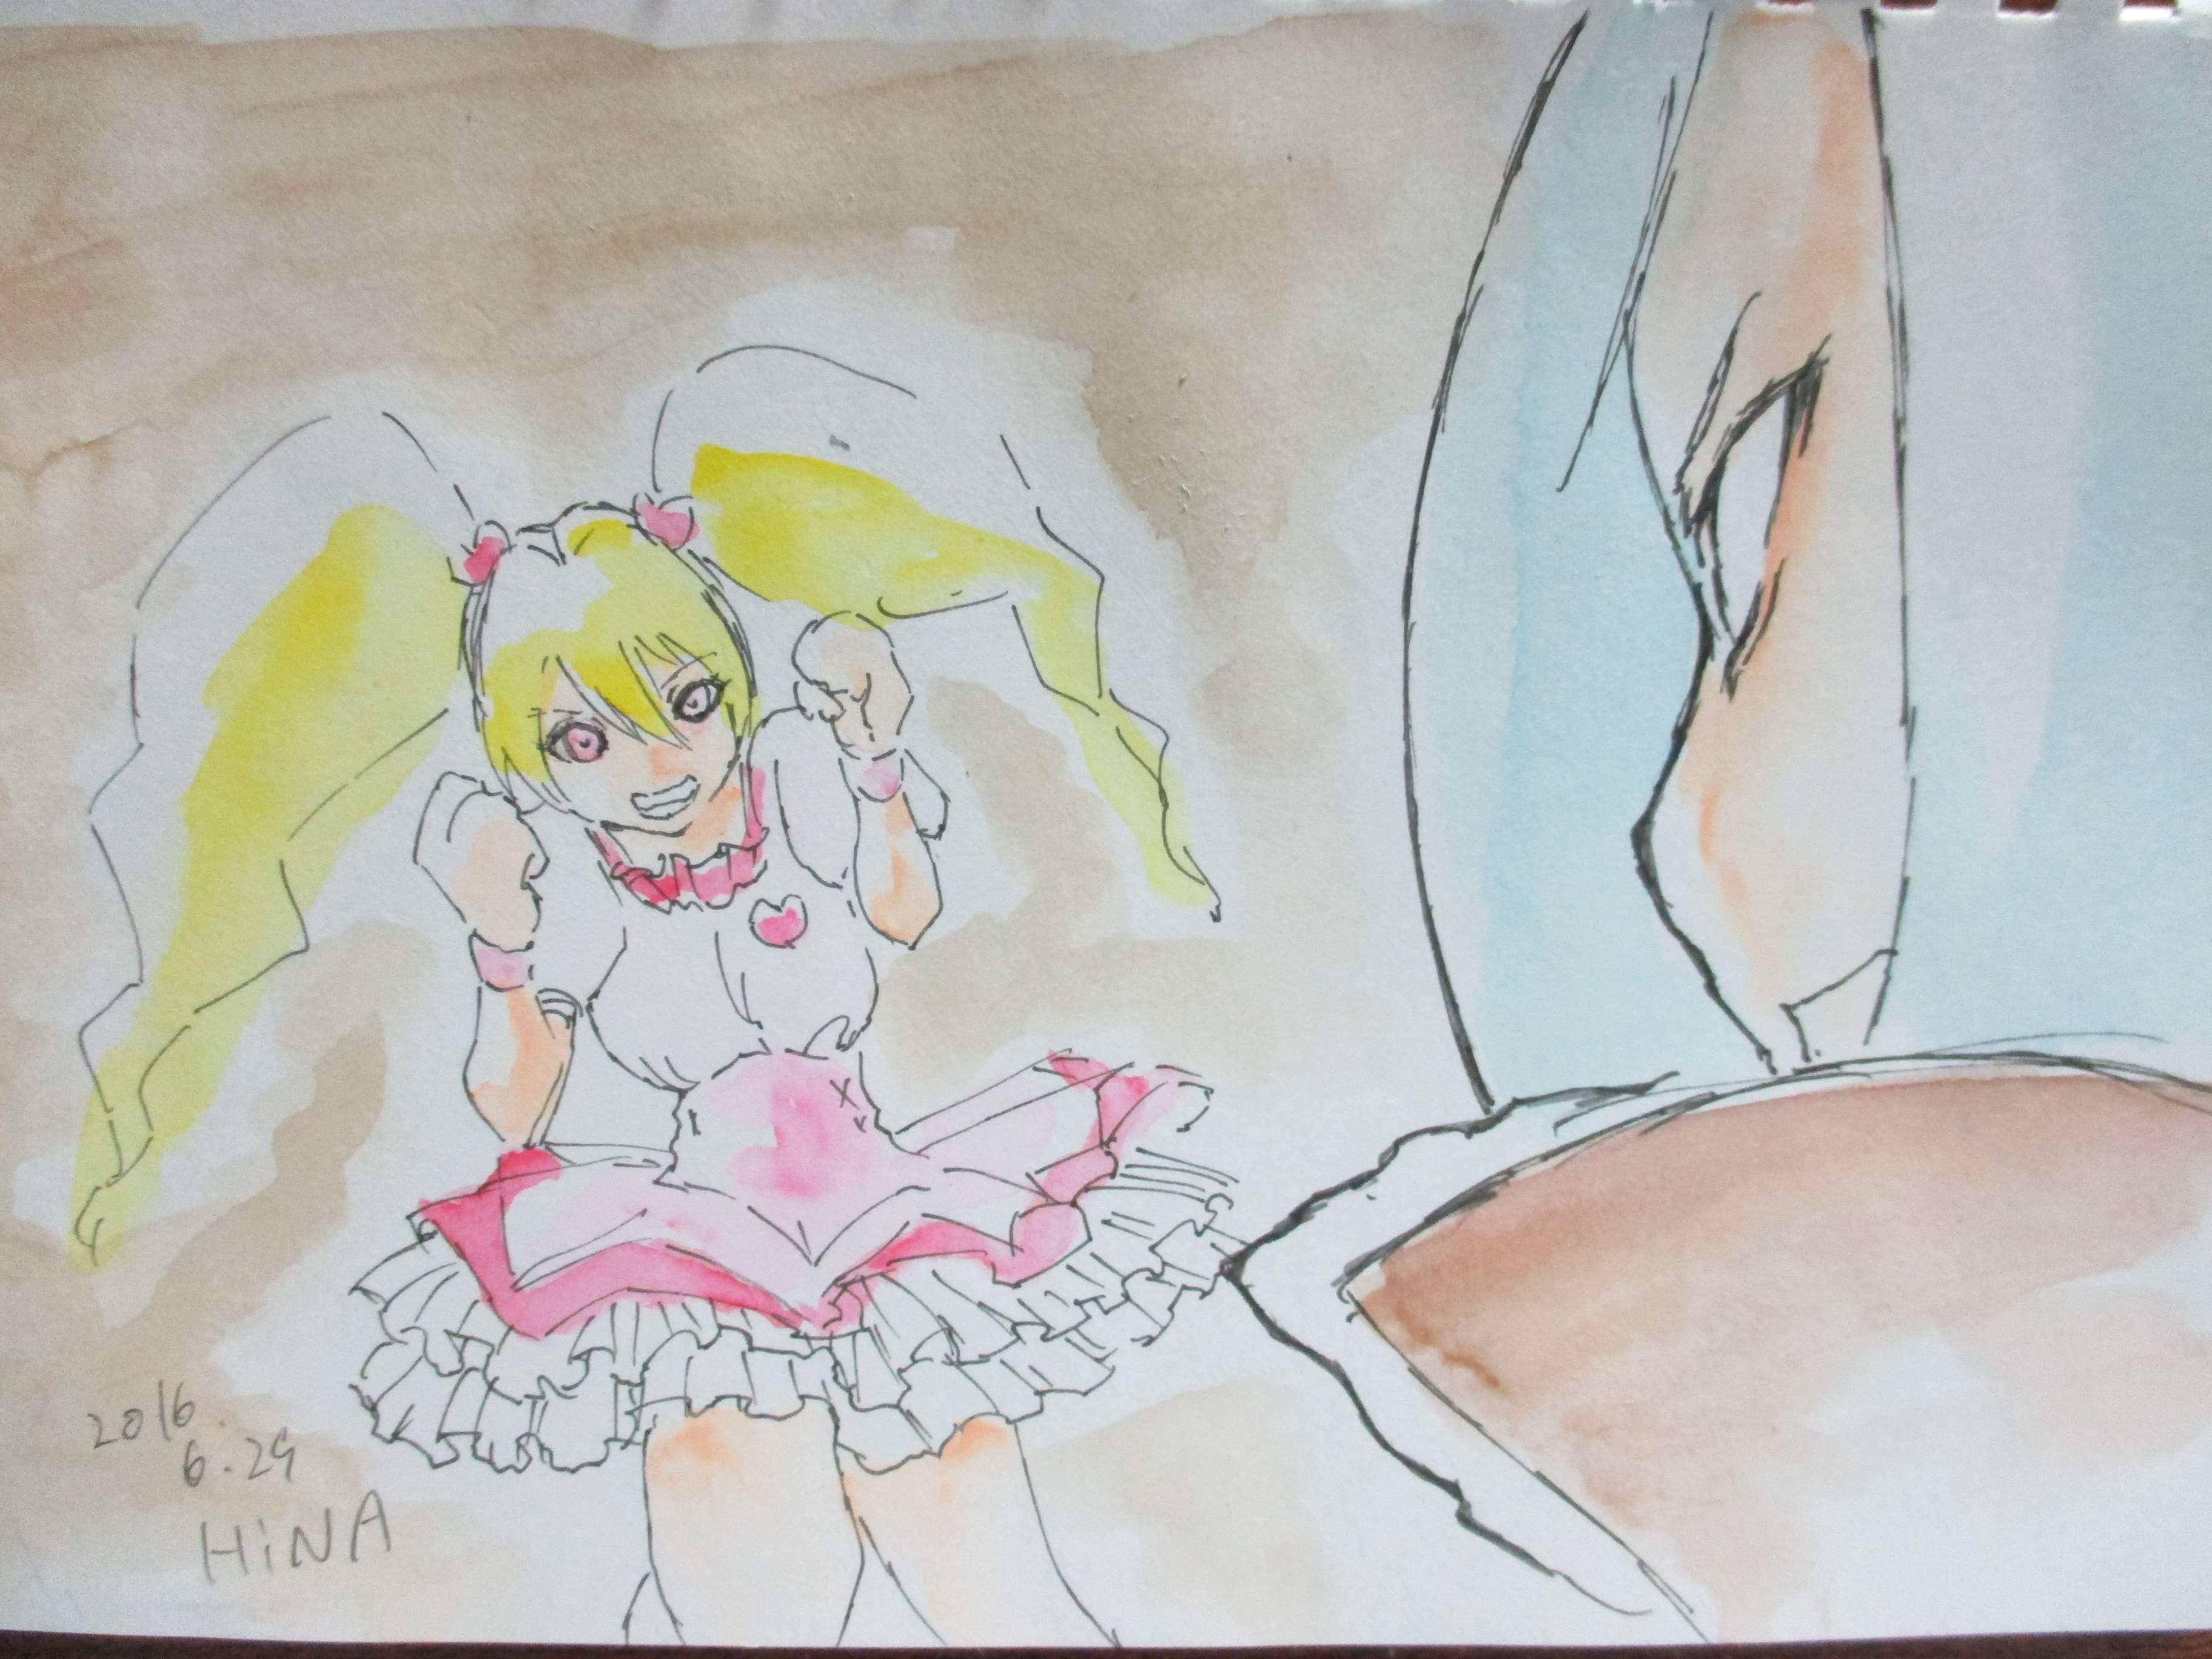 ひなひな (@hinata_hinako)さんのイラスト